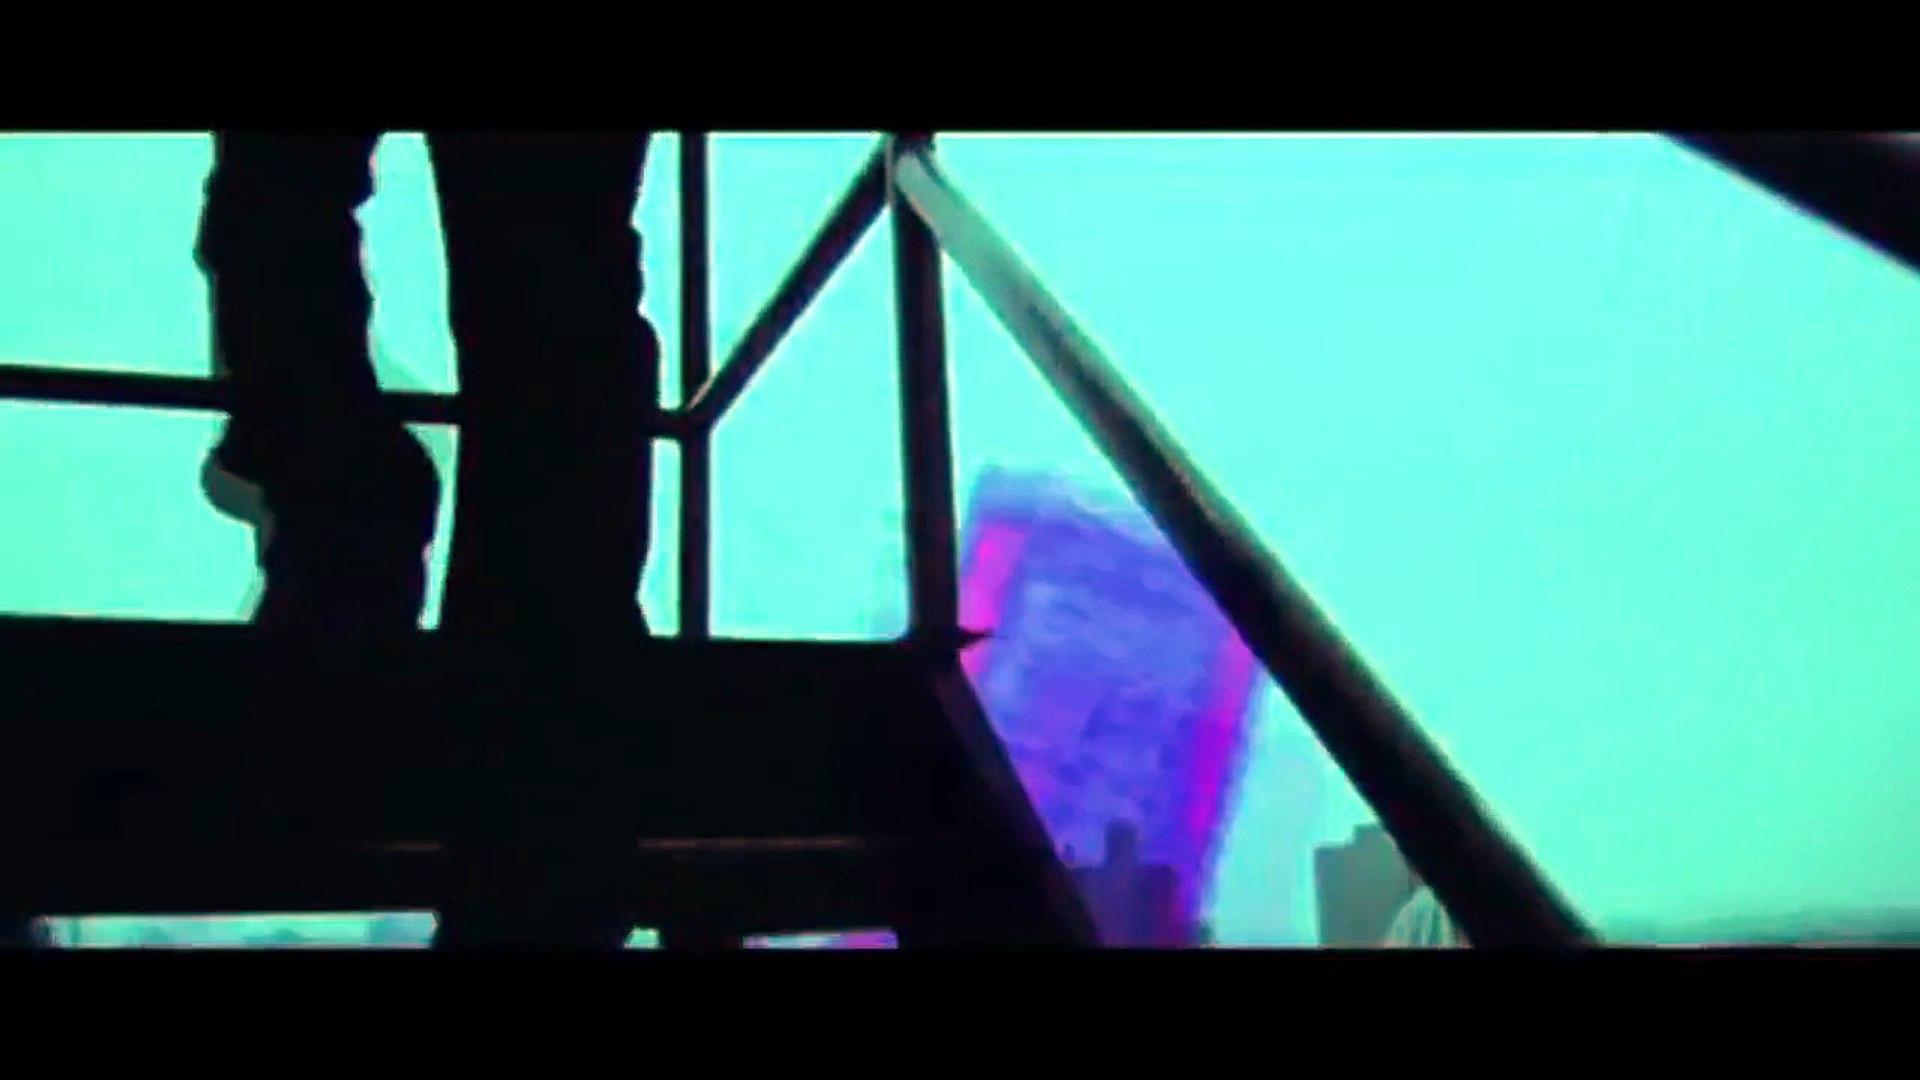 Kid Cudi - Do It Alone (Music Video)